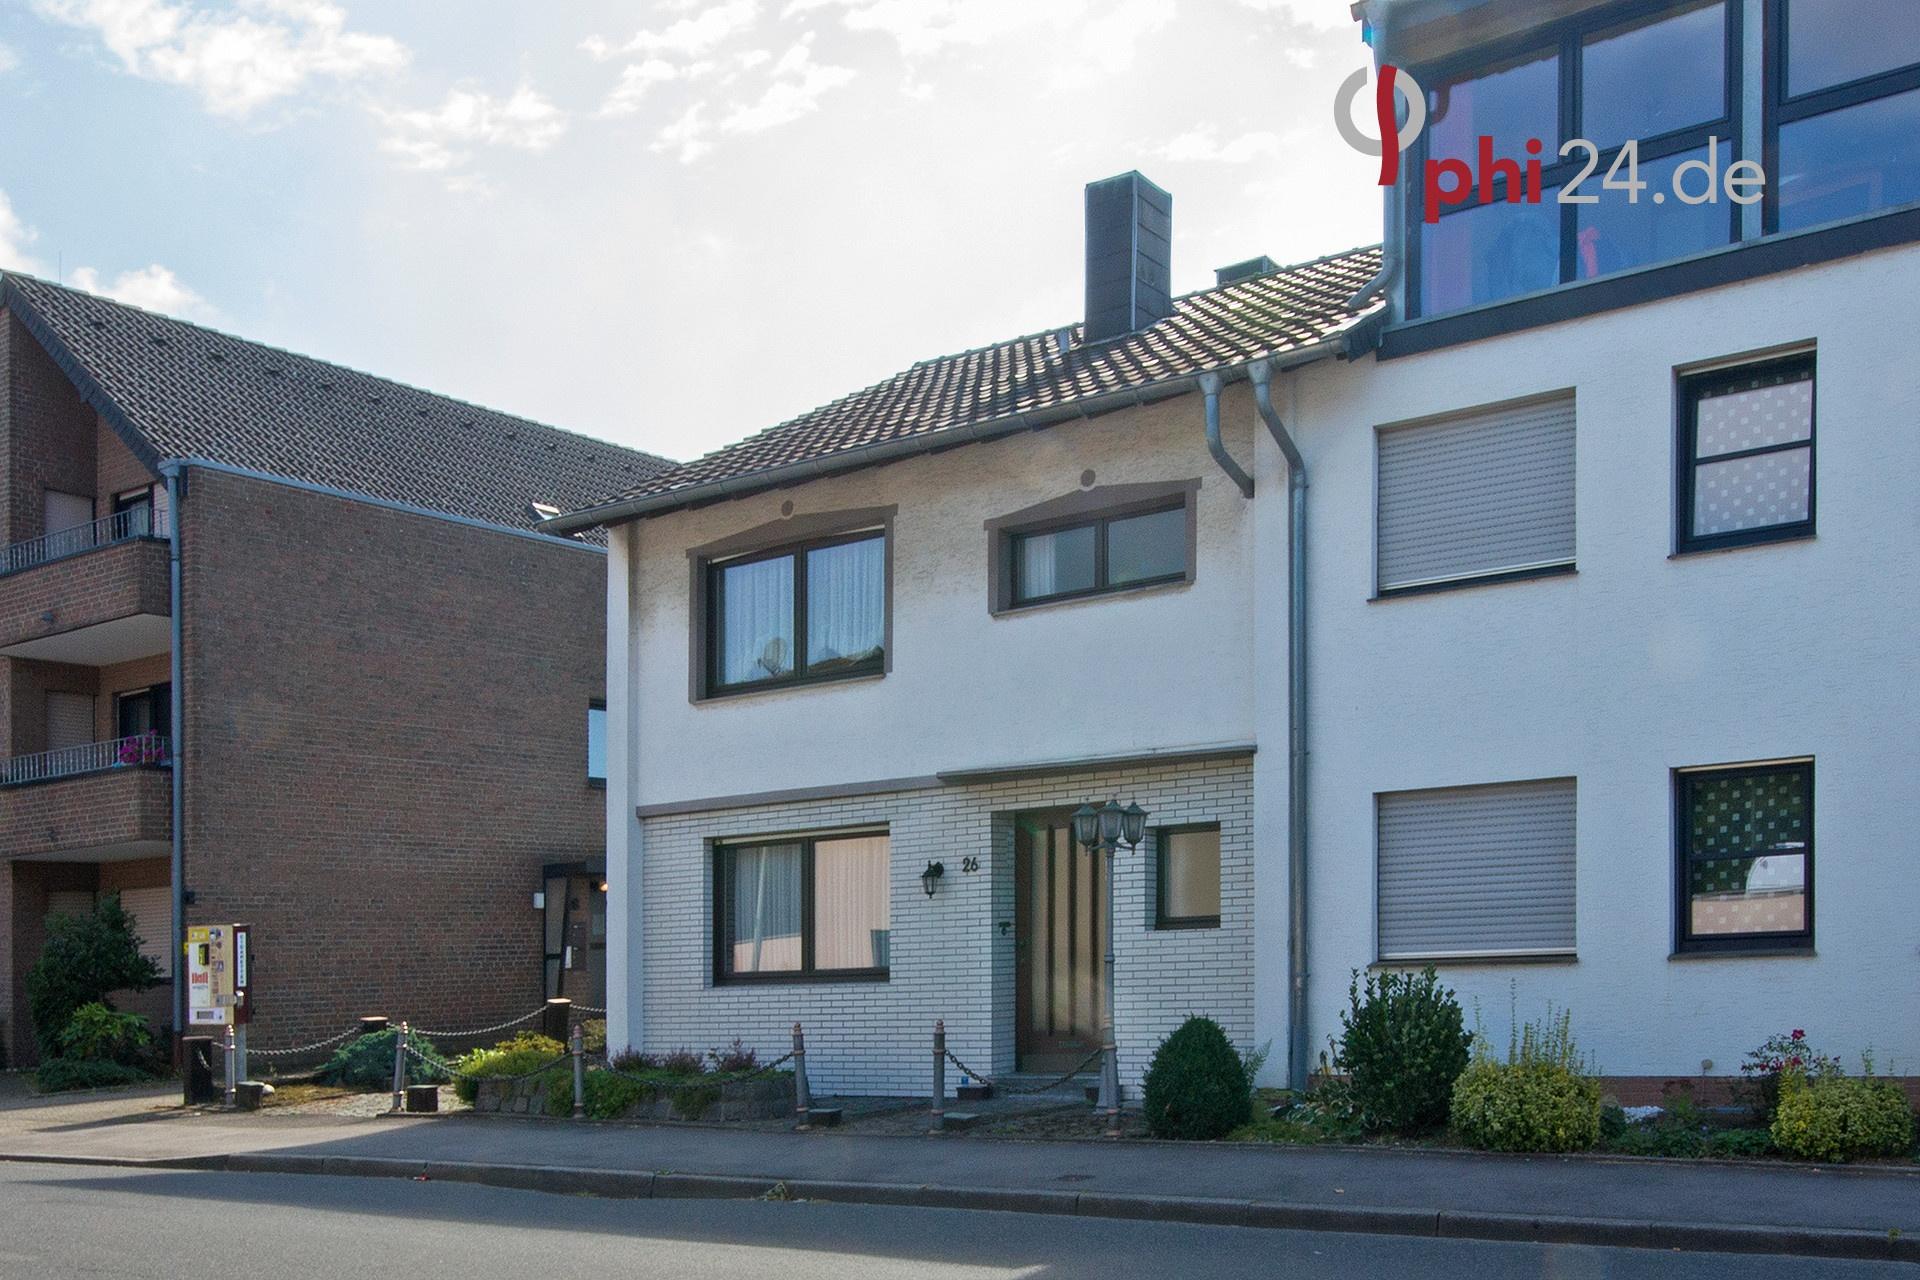 Immobilienmakler Würselen Doppelhaushälfte referenzen mit Immobilienbewertung